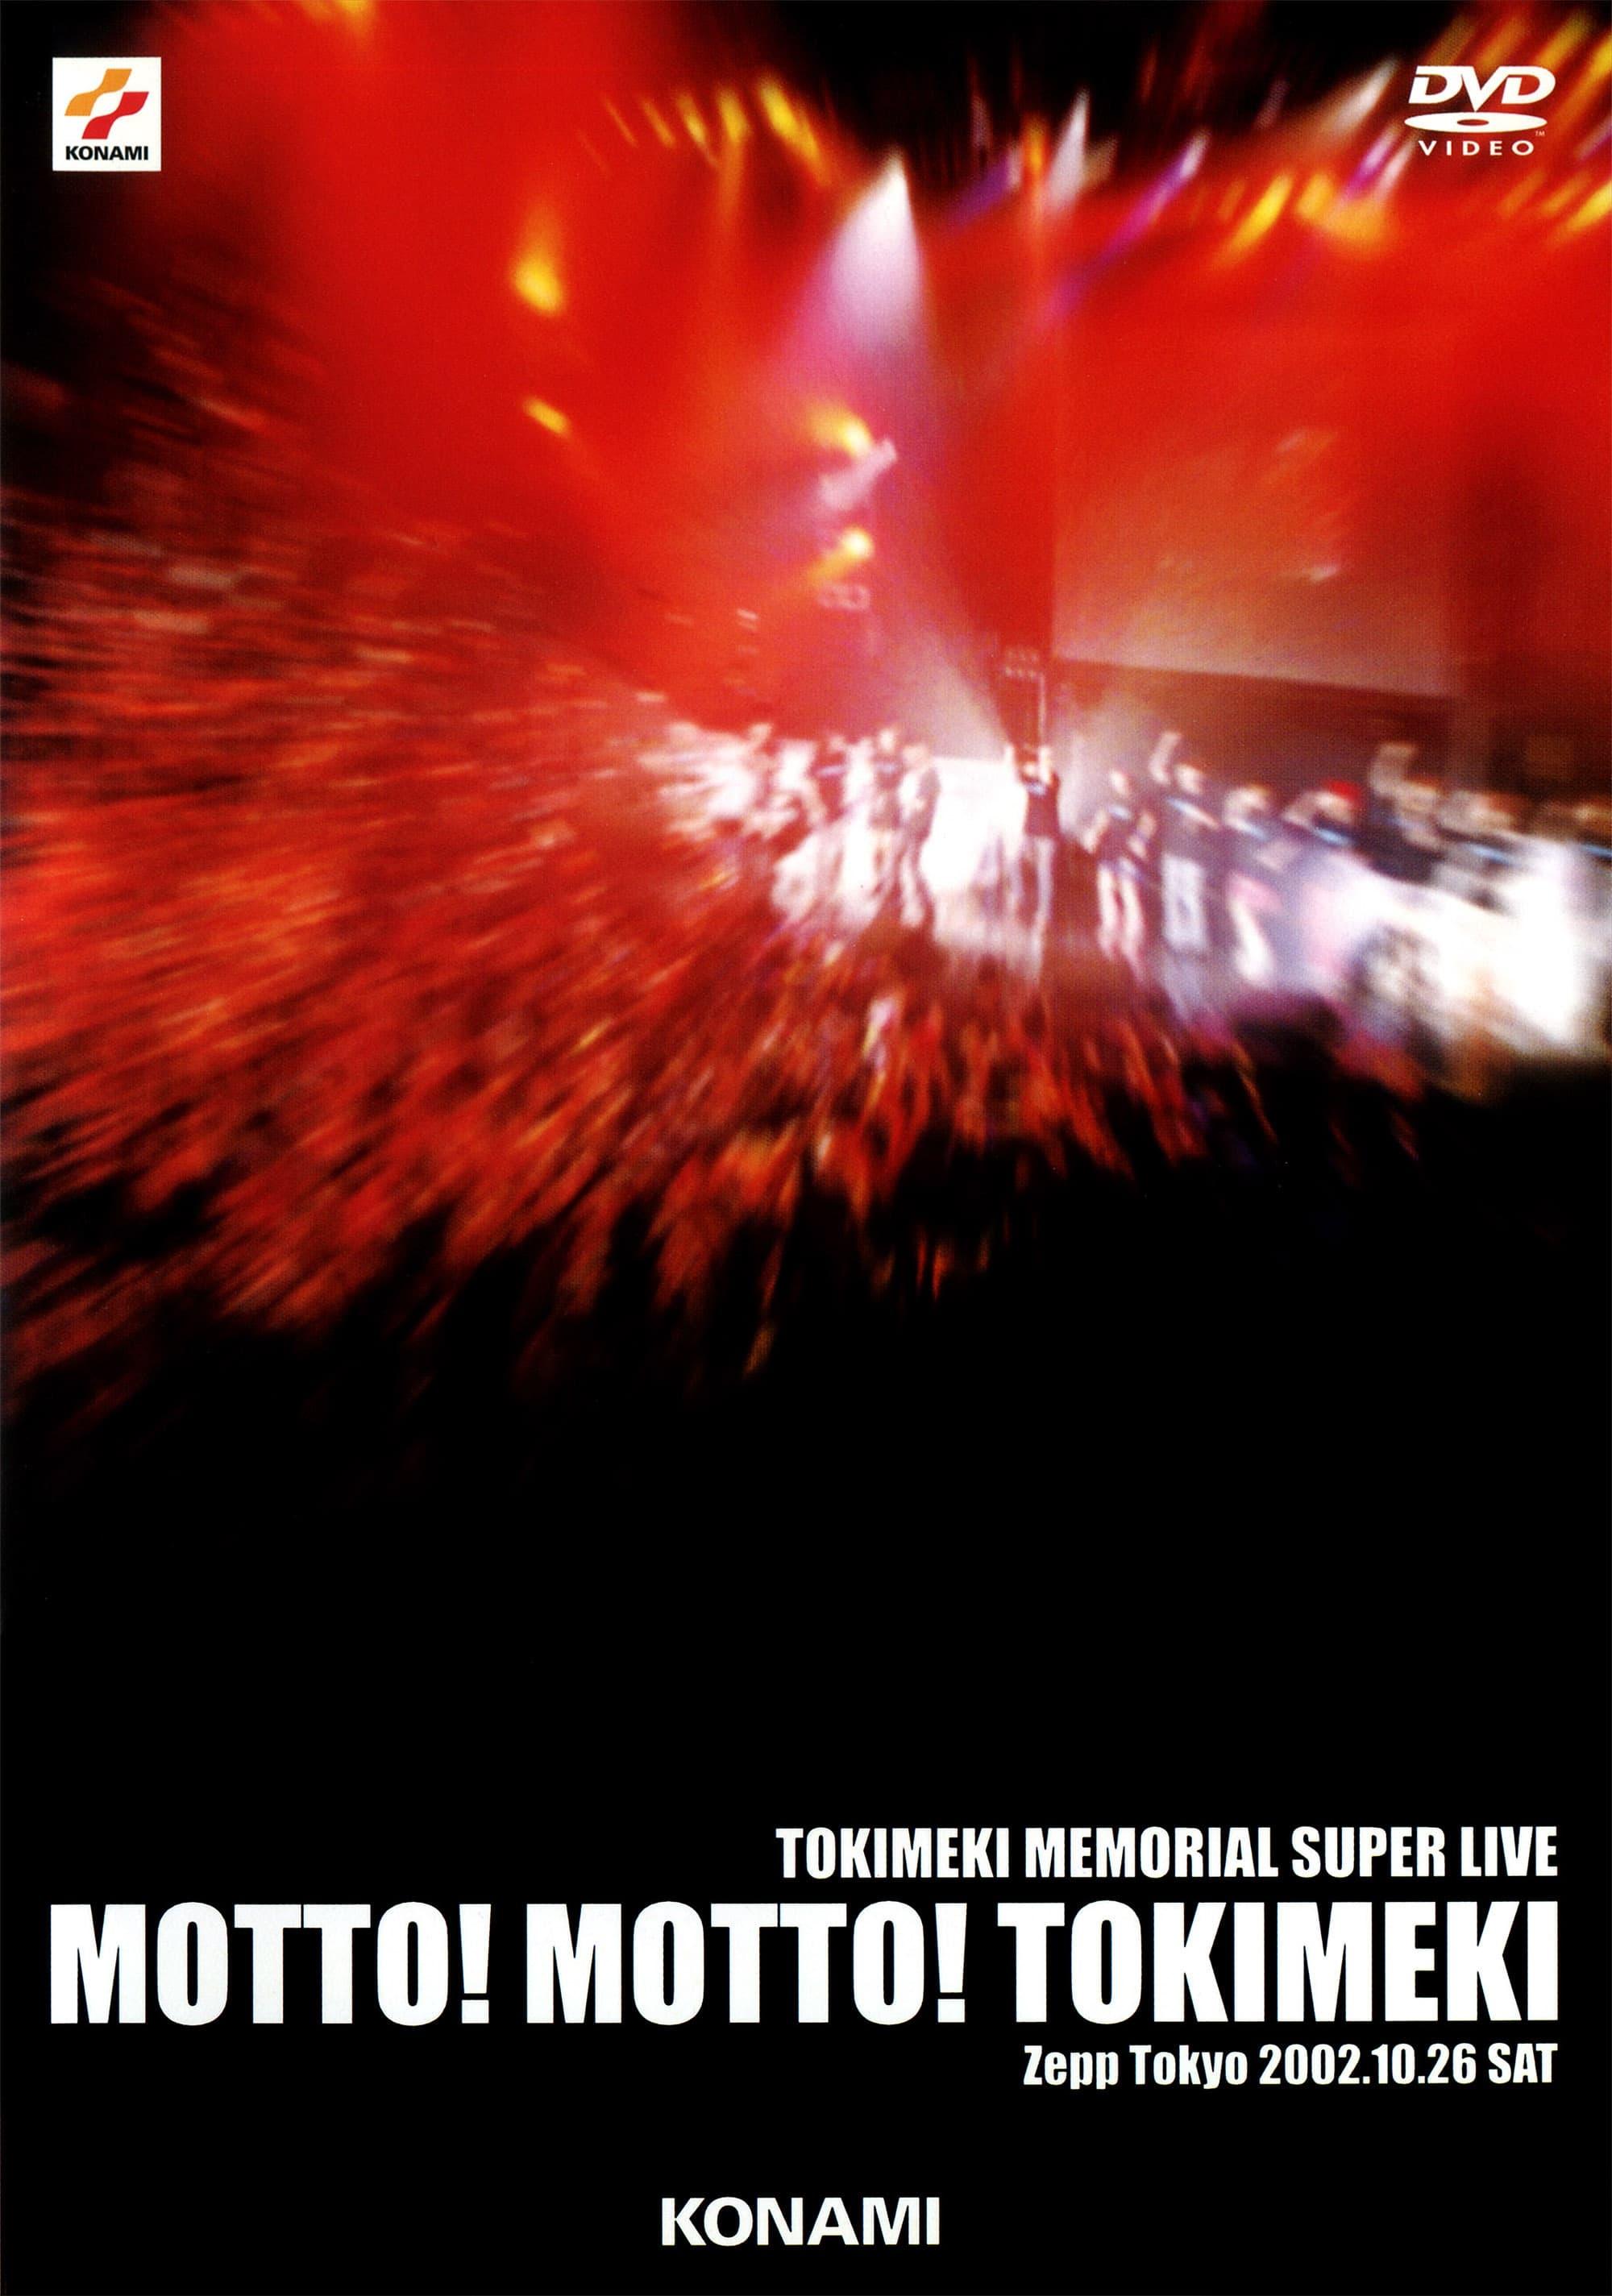 Tokimeki Memorial Super Live